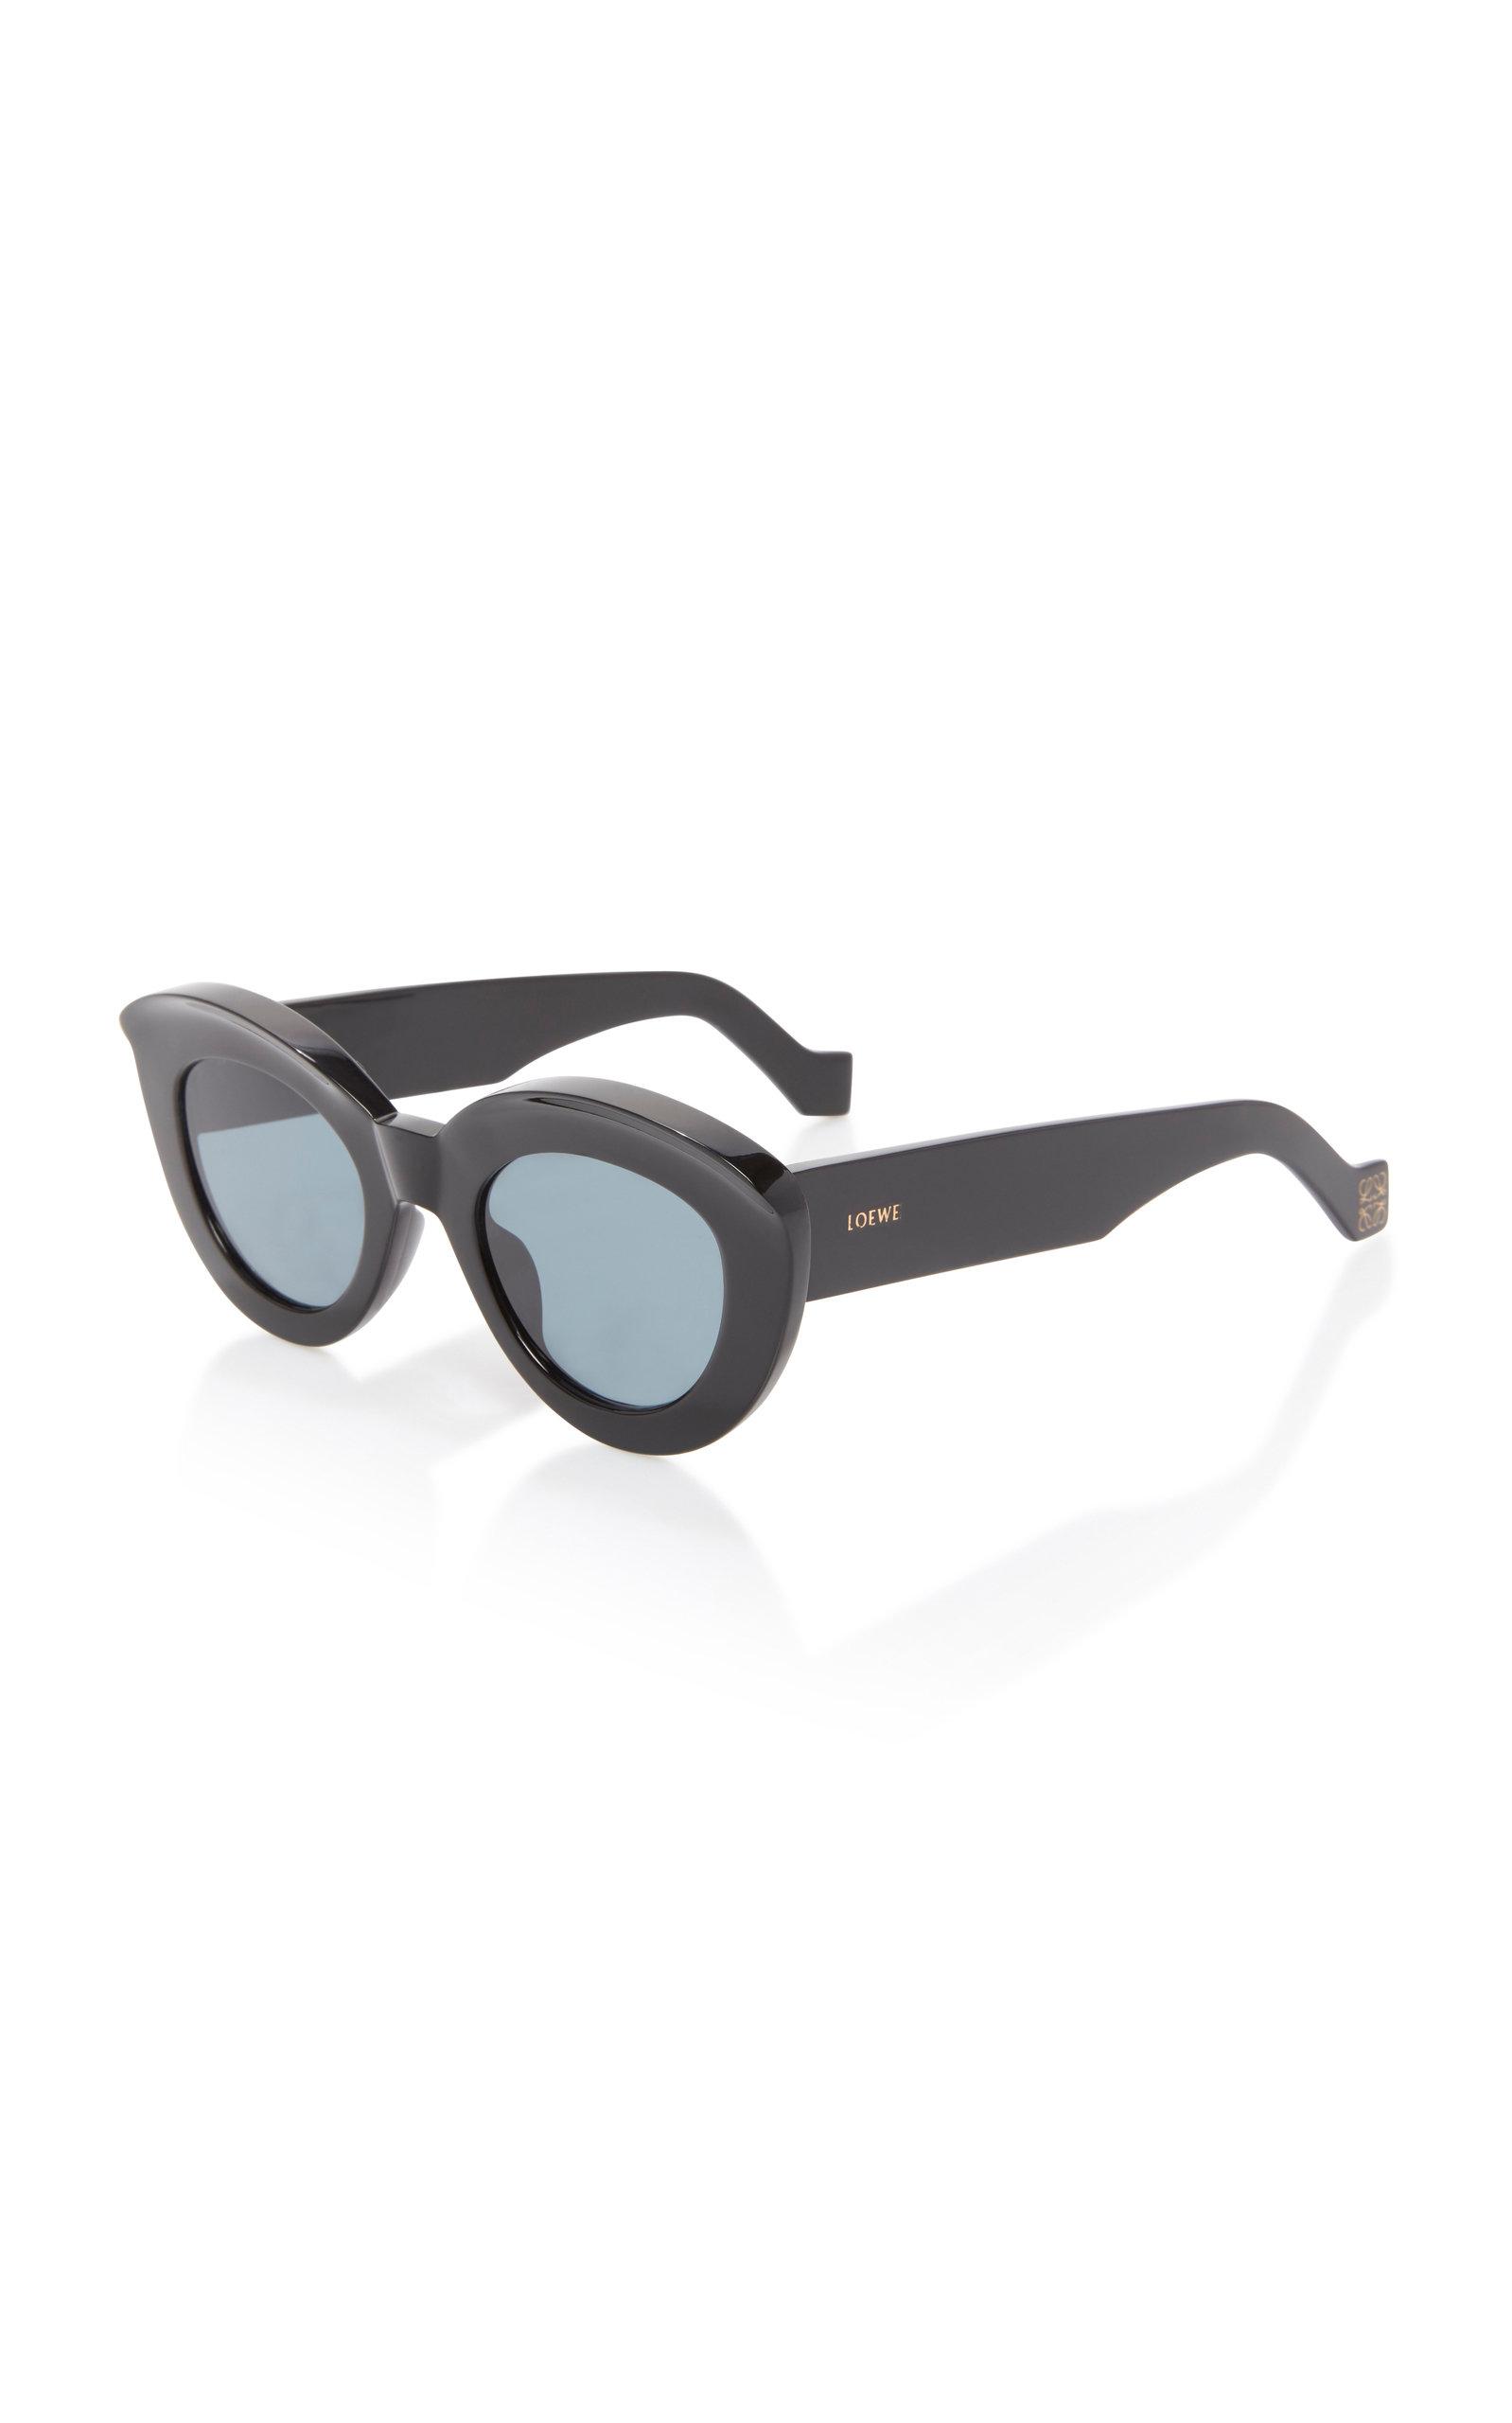 27f39d6ccf3 Loewe SunglassesCat-Eye Acetate Sunglasses. CLOSE. Loading